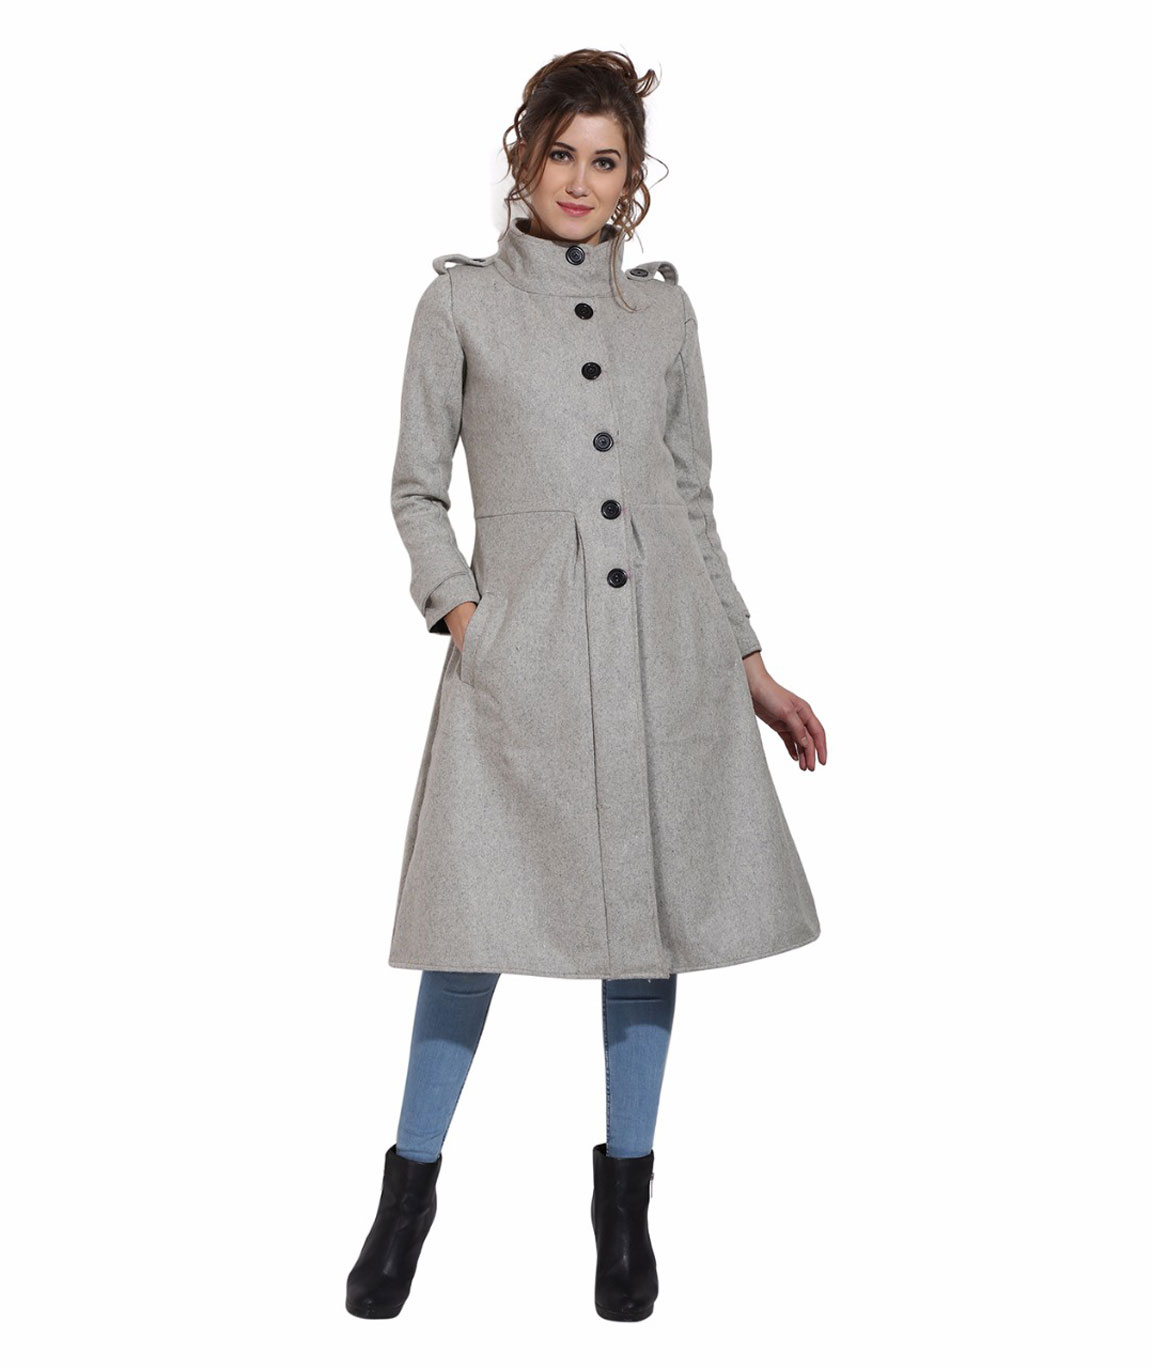 FAZZN Long Woolen Coats(Grey)